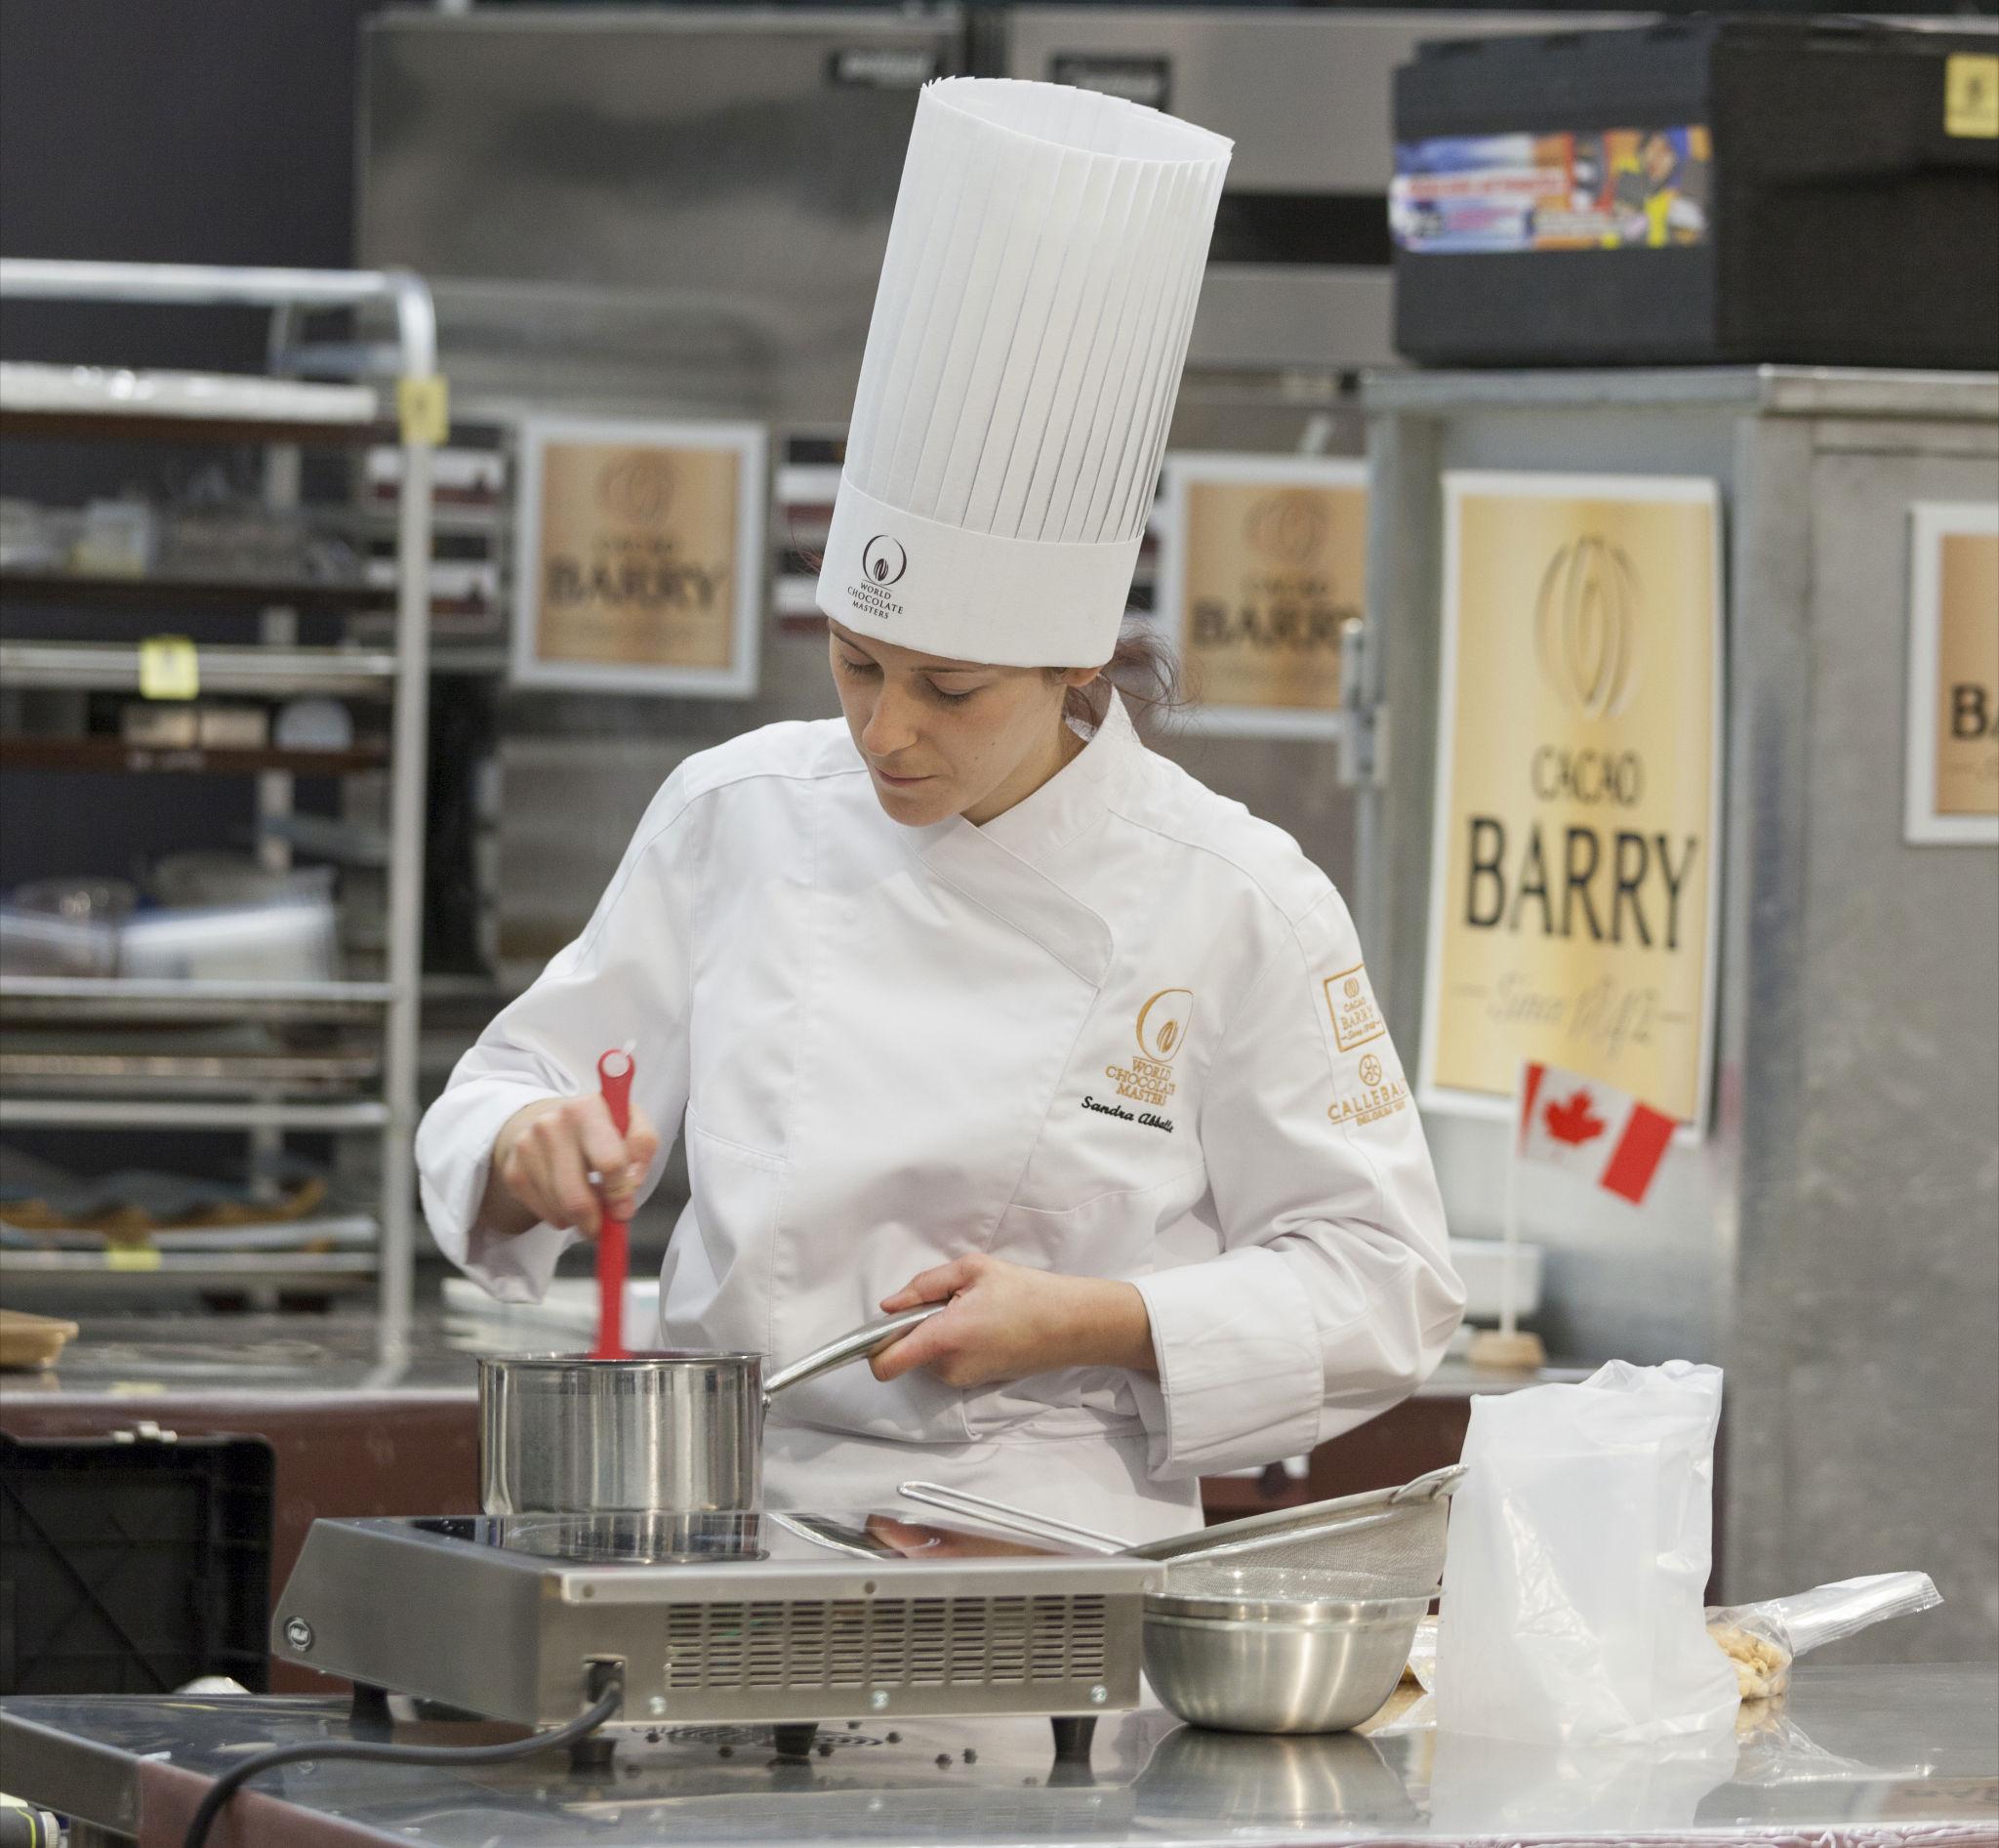 Sandra preparing the fillings for her Bon Bon